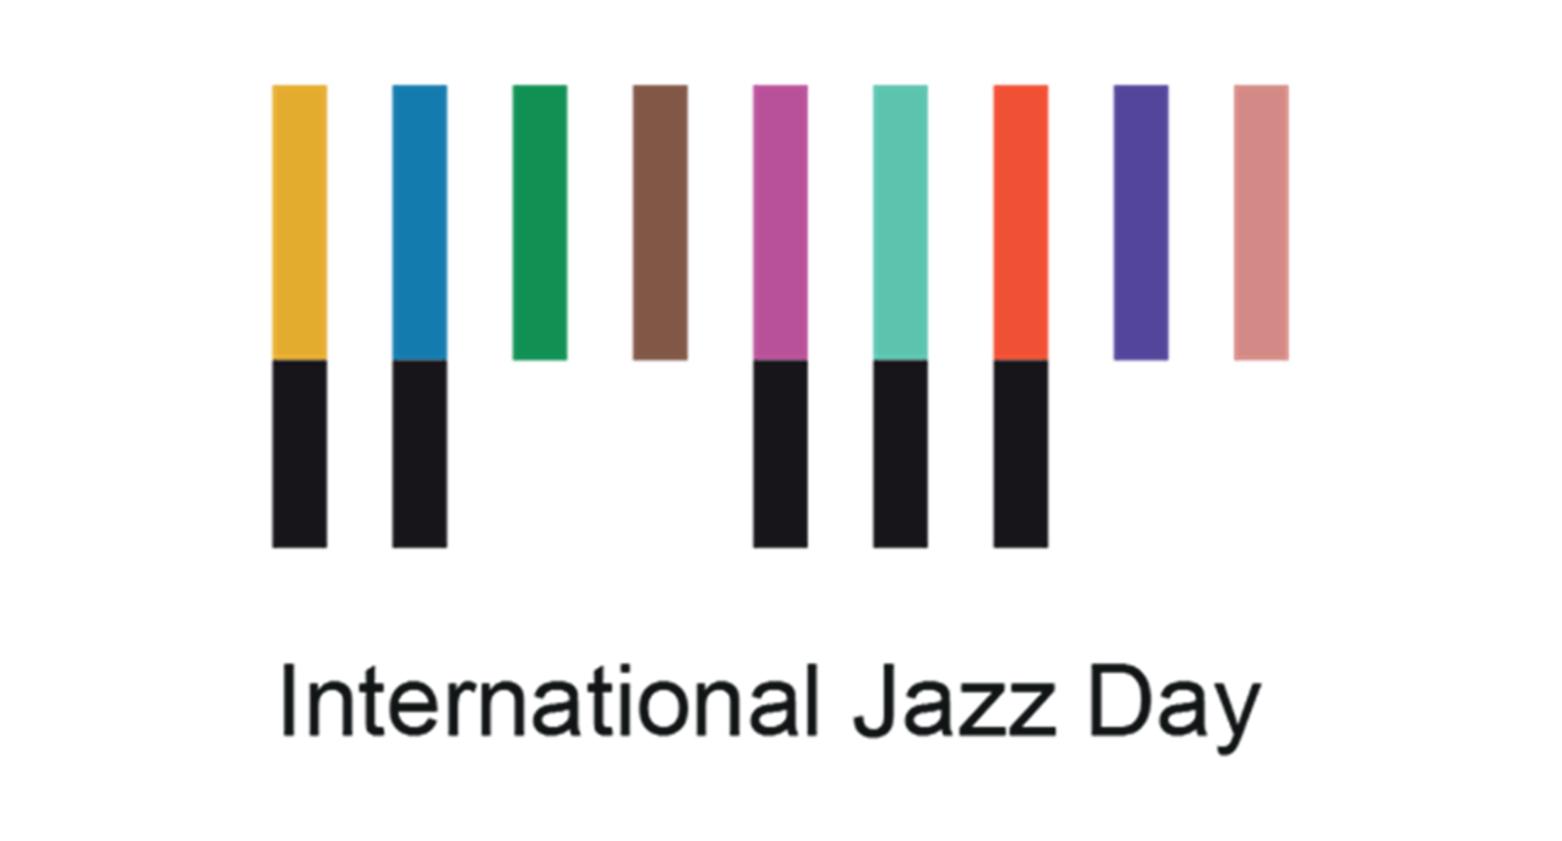 INTERNATIONAL JAZZ DAY: 30. 04.2021